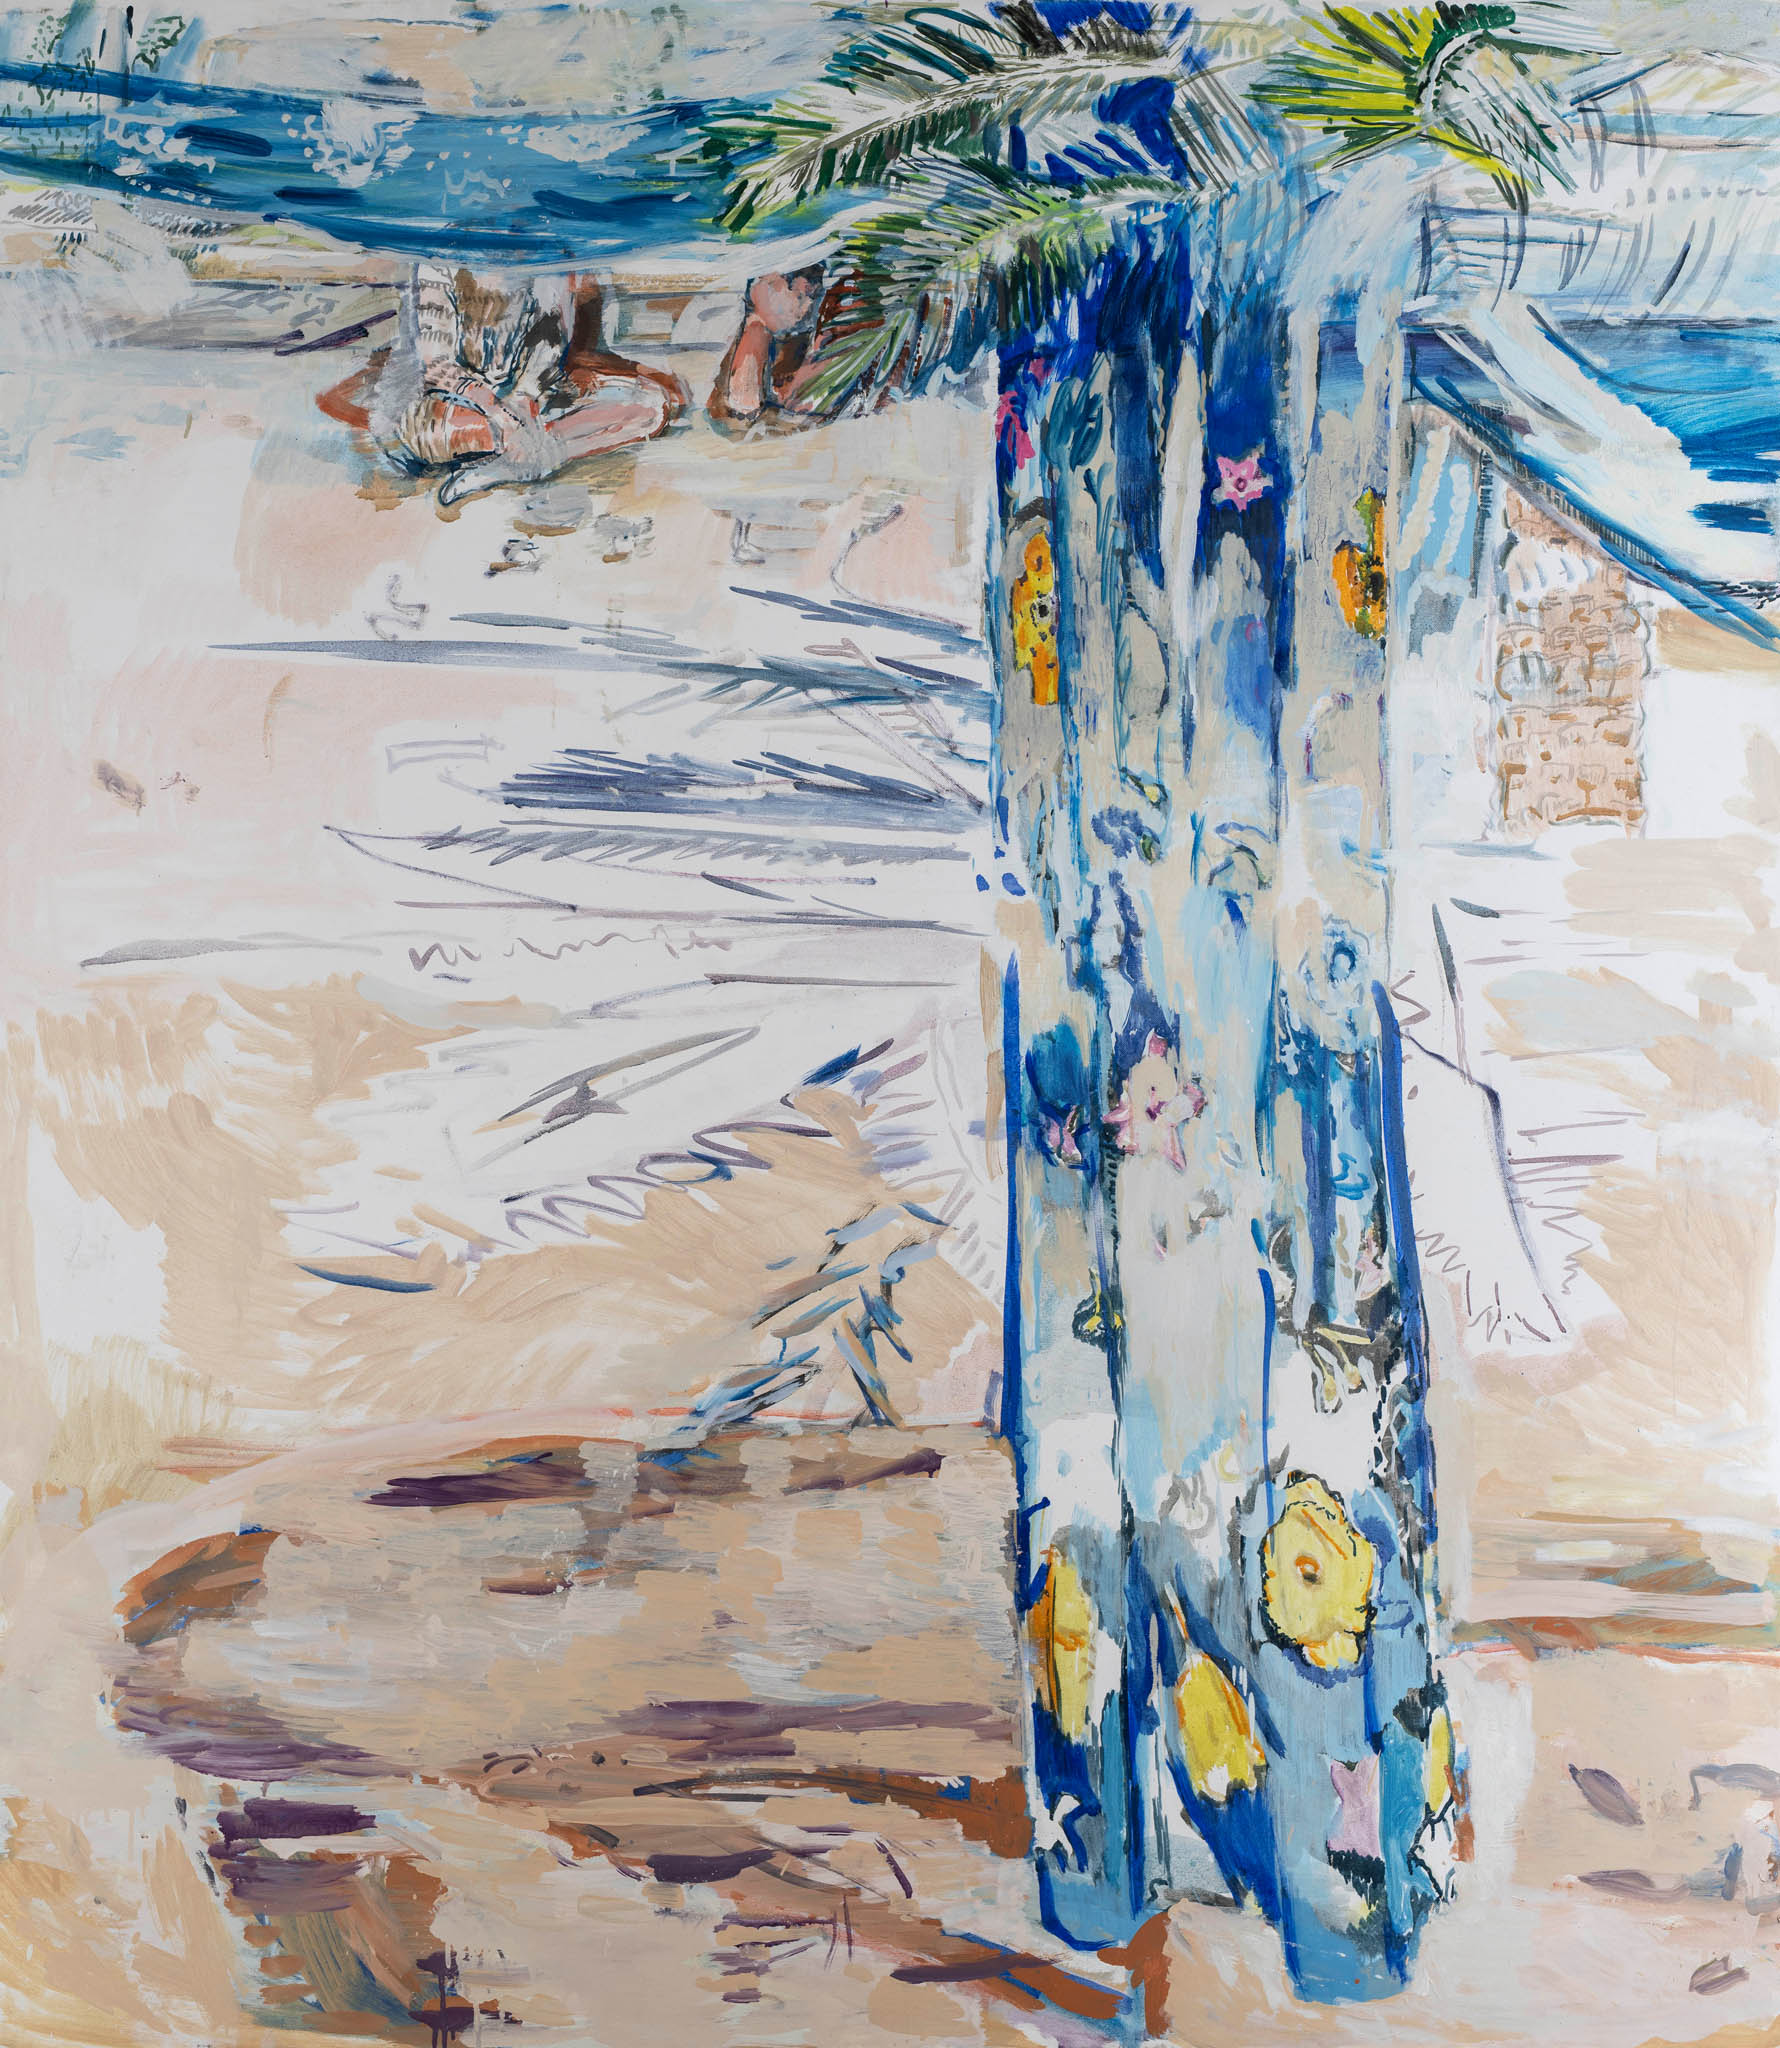 Richter Fine Art, Giulio Catelli, Tenda di piazza Vittorio, olio su tela, 2019, photo credits Giorgio Benni